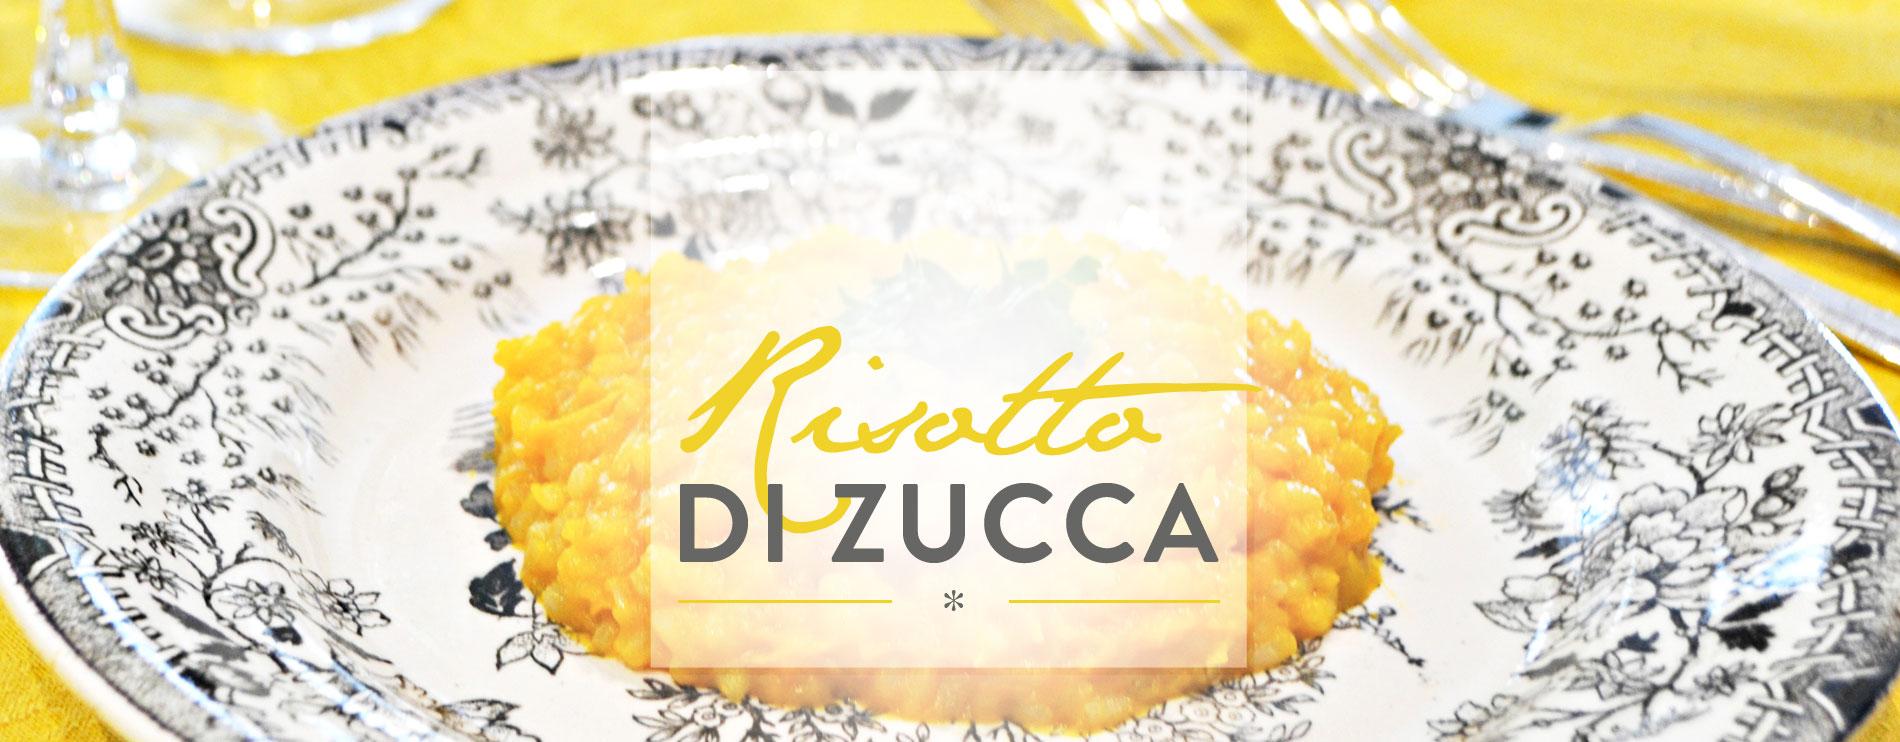 Risotto-di-zucca-header